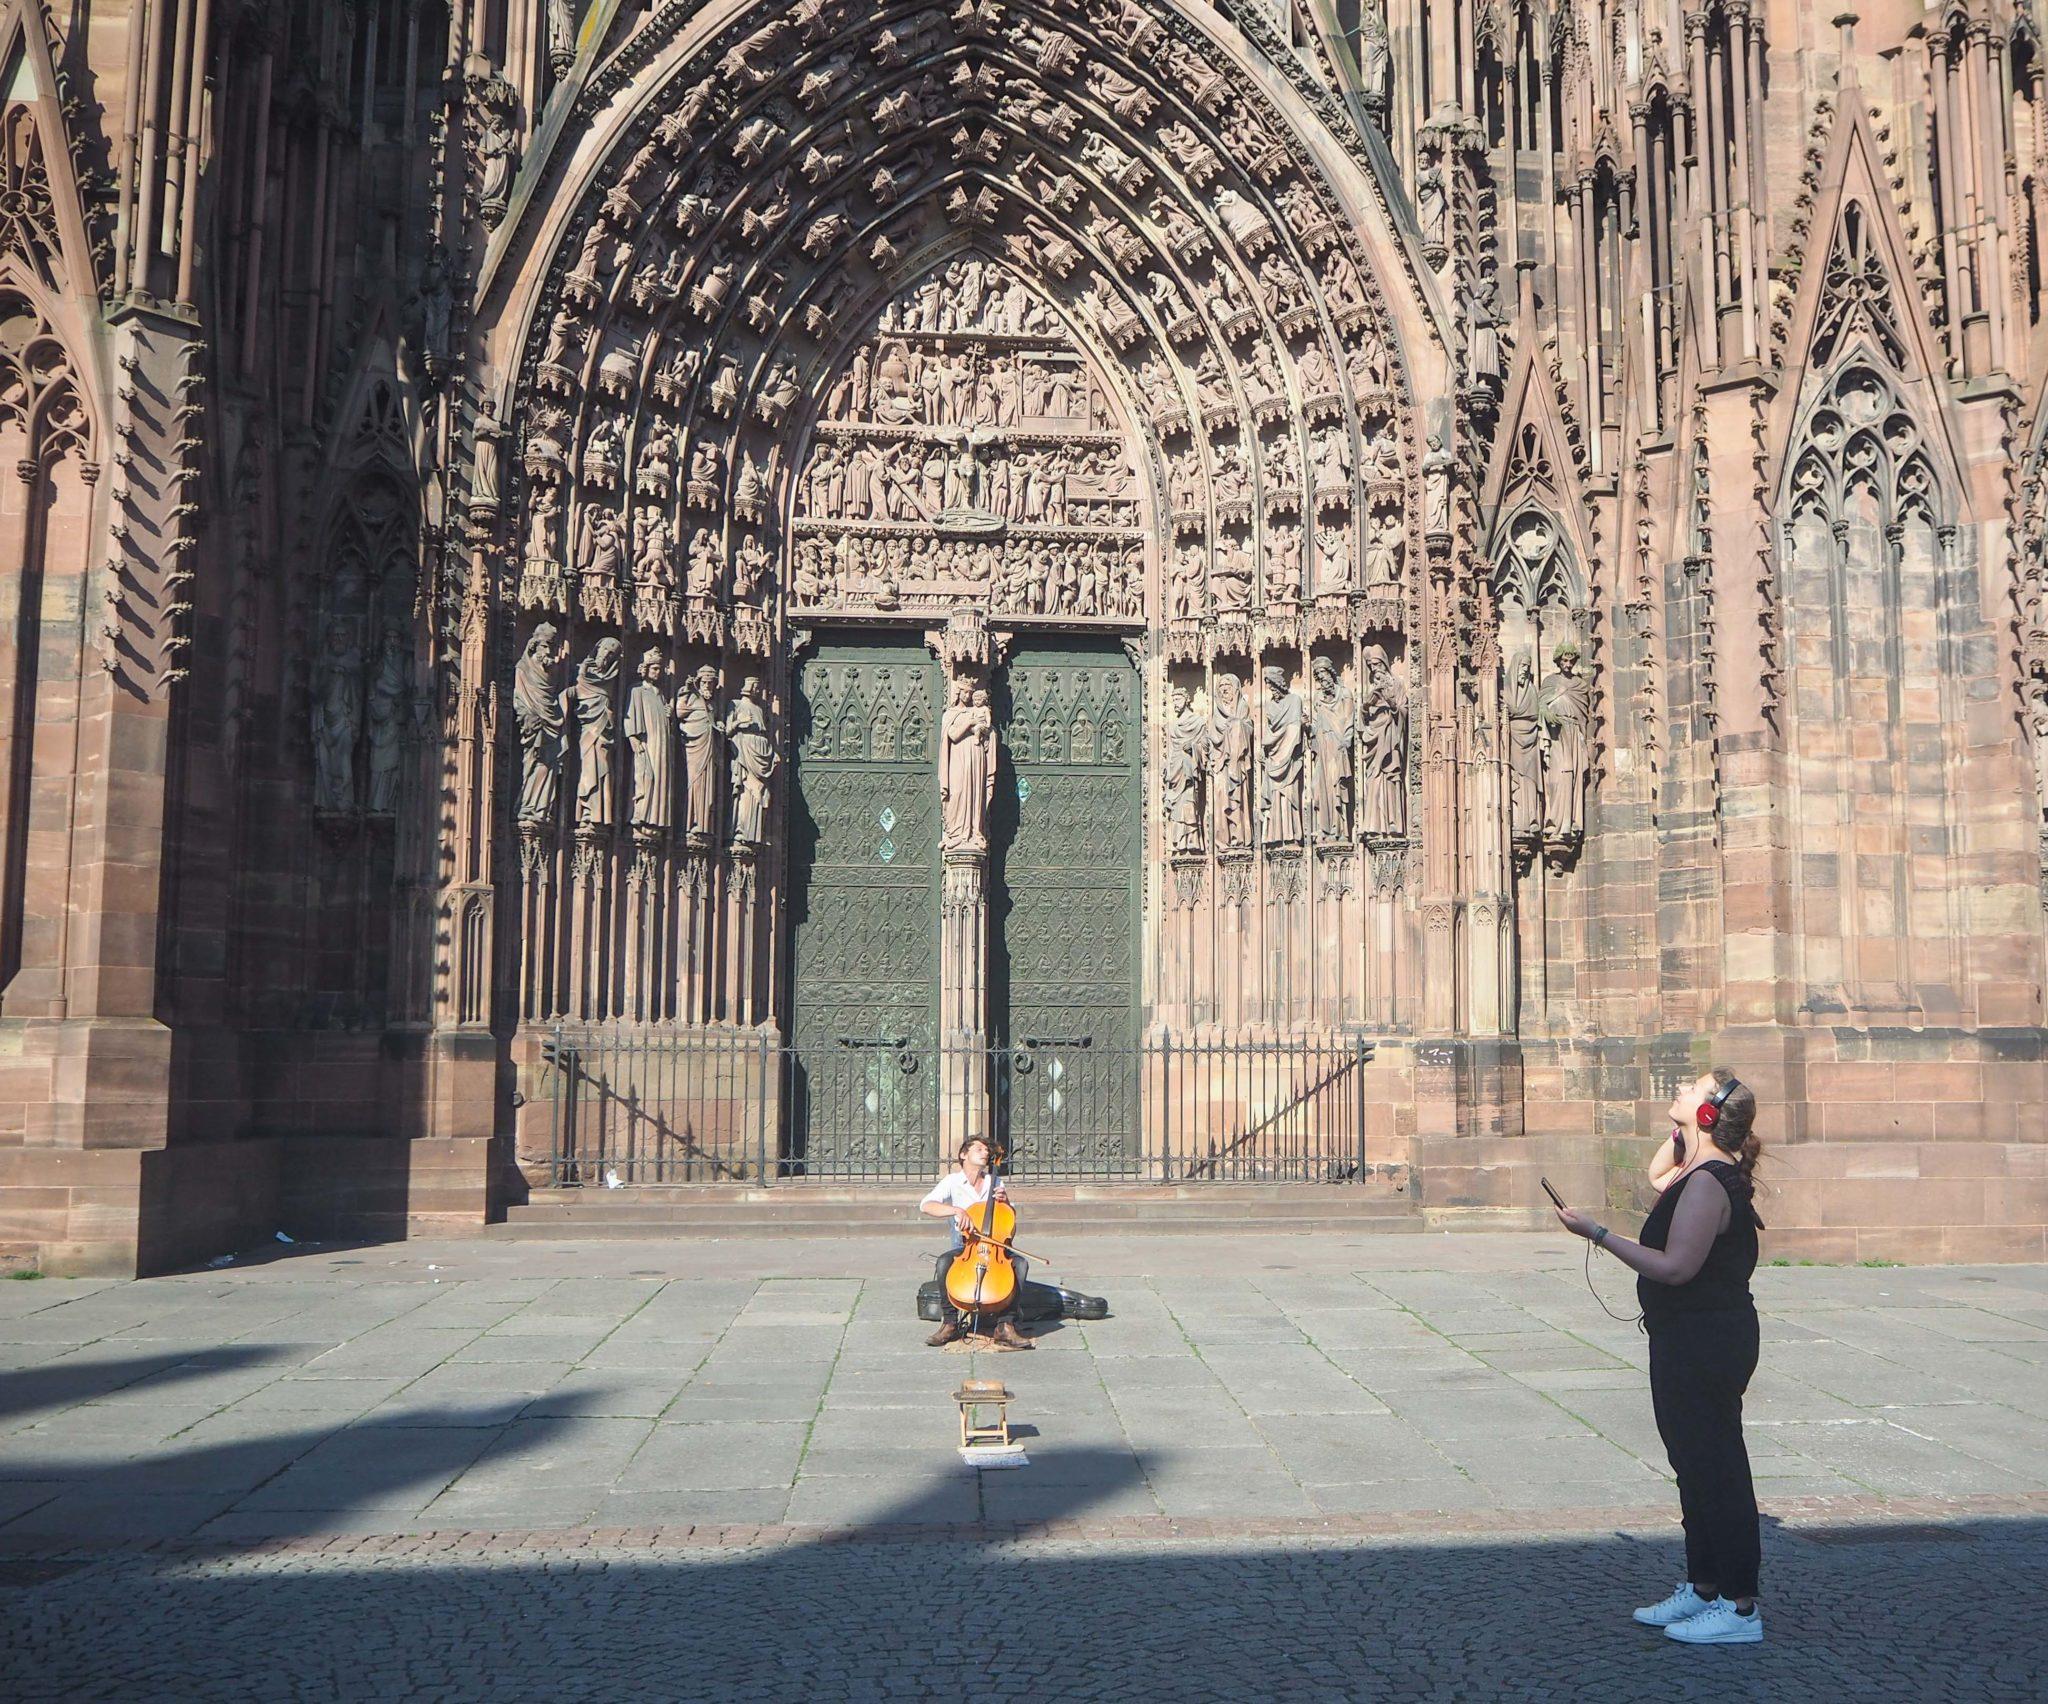 Visite autonome avec l'application Popguide- Cathédrale Notre Dame de Strasbourg - Visiter Strasbourg au fil de l'eau: 2 jours dans la capitale alsacienne entre amies - Par Voyages et Vagabondages, le blog du voyage en solo au féminin - Récit, photos, conseils, idées de visite et bonnes adresses pour visiter Strasbourg